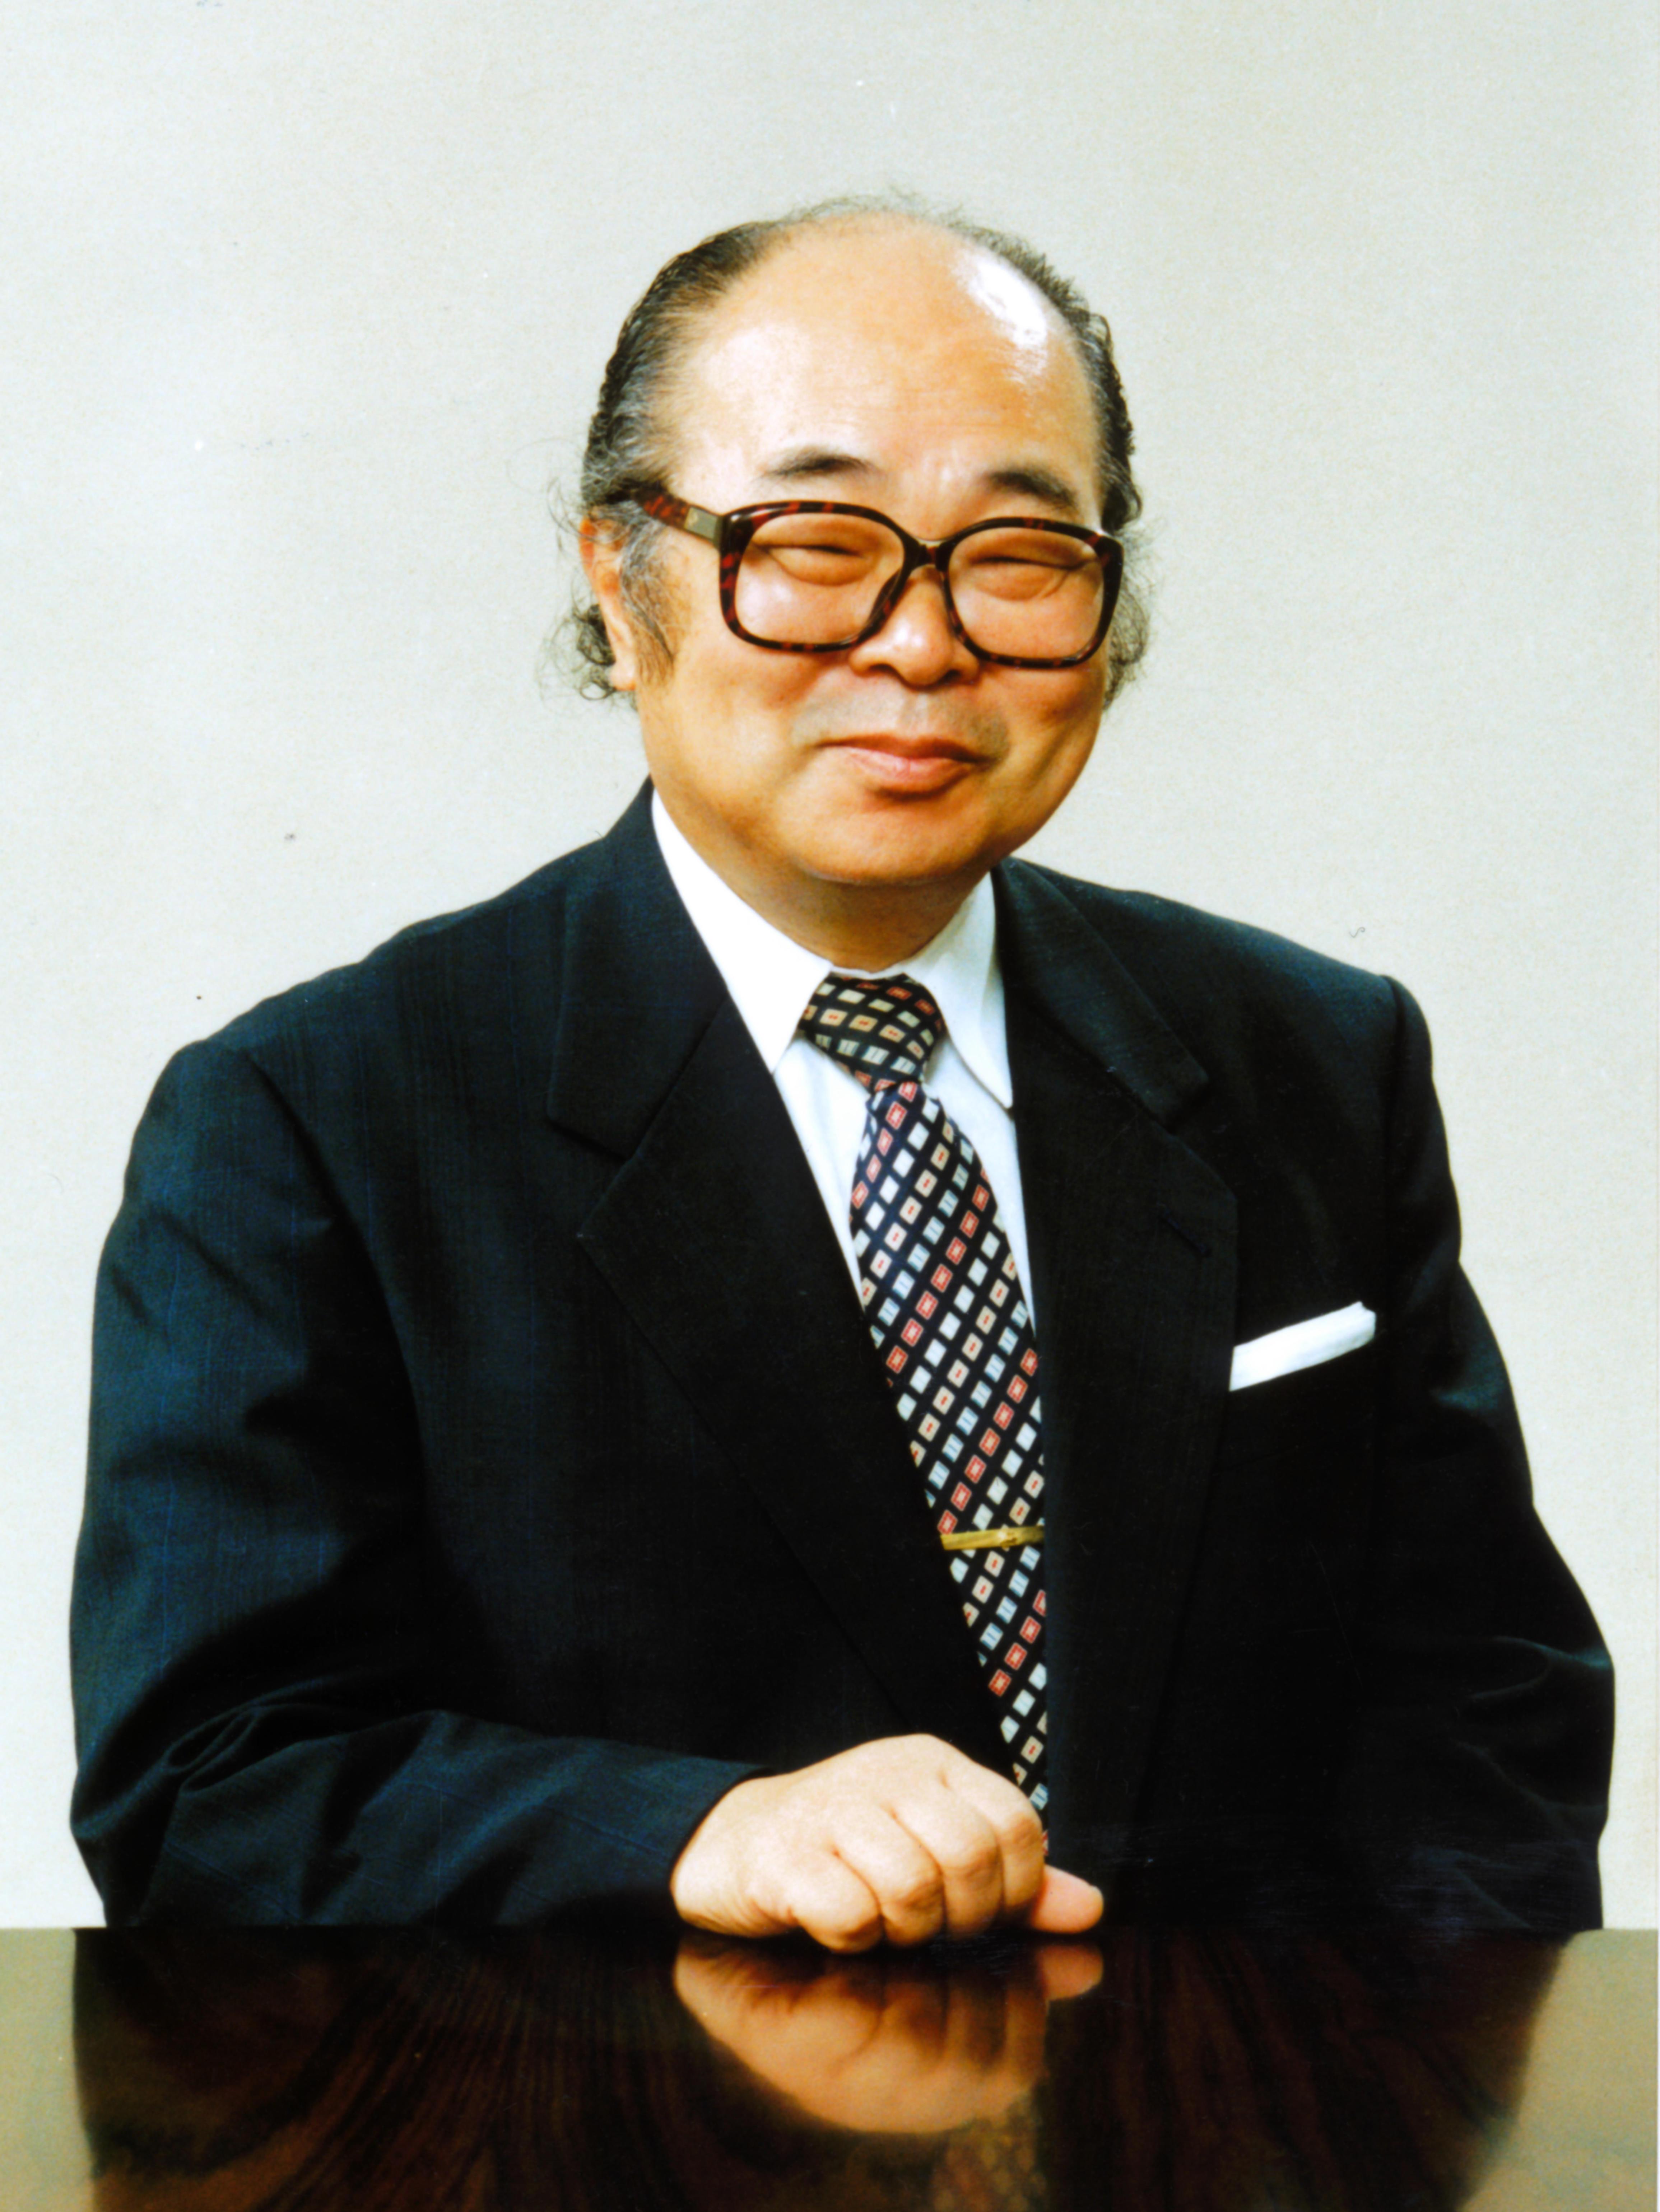 芝浦工業大学名誉理事長 石川洋美の逝去について